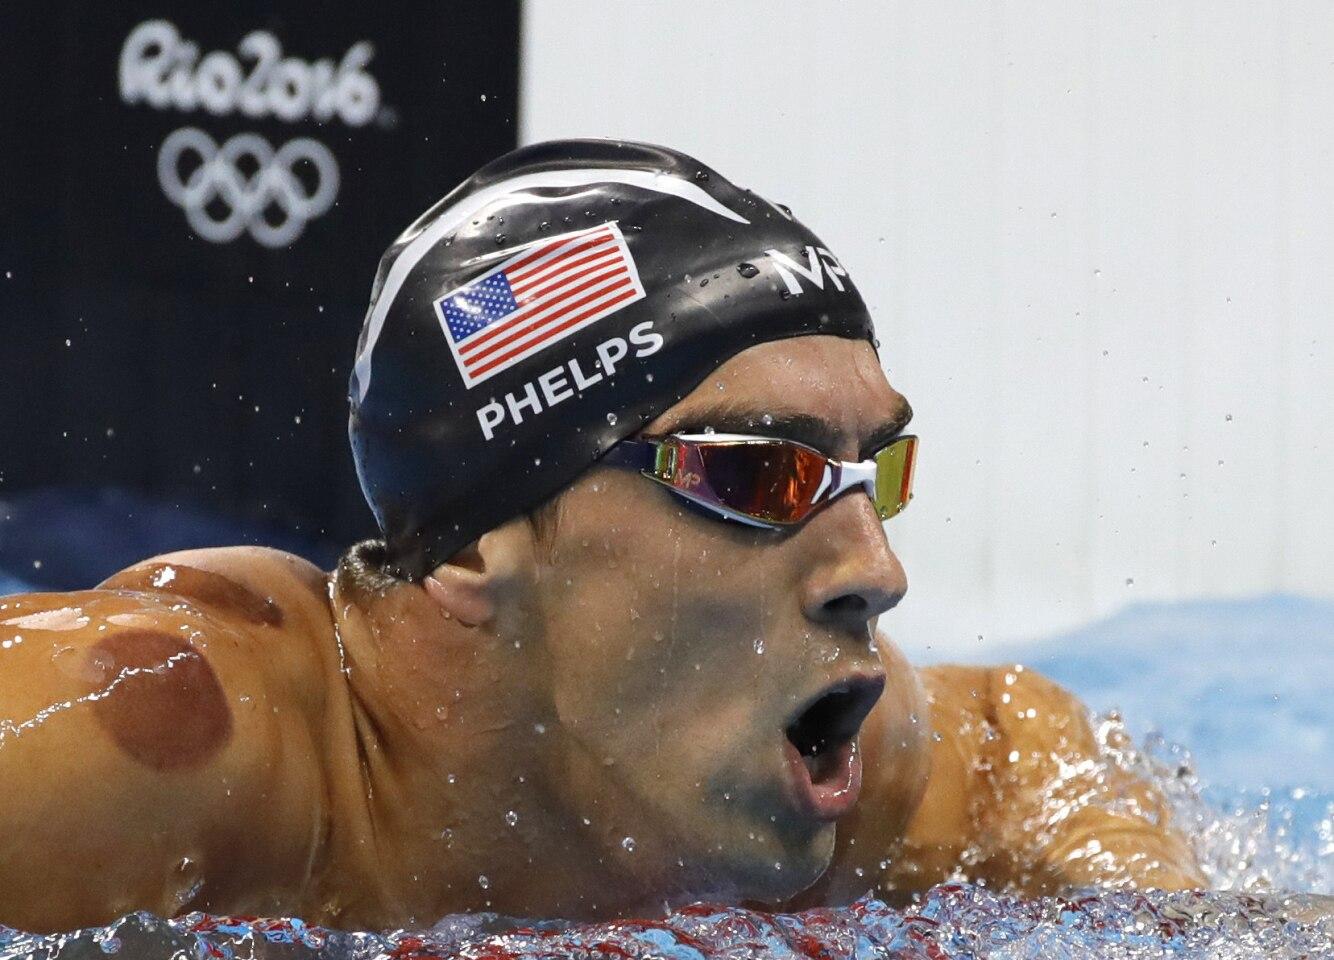 El estadounidense Michael Phelps celebra tras ganar la medalla de oro en la final de los 400 metros por relevos estilo libre en el Estadio Acuático Olímpico, en el marco de los Juegos Olímpicos Río 2016.